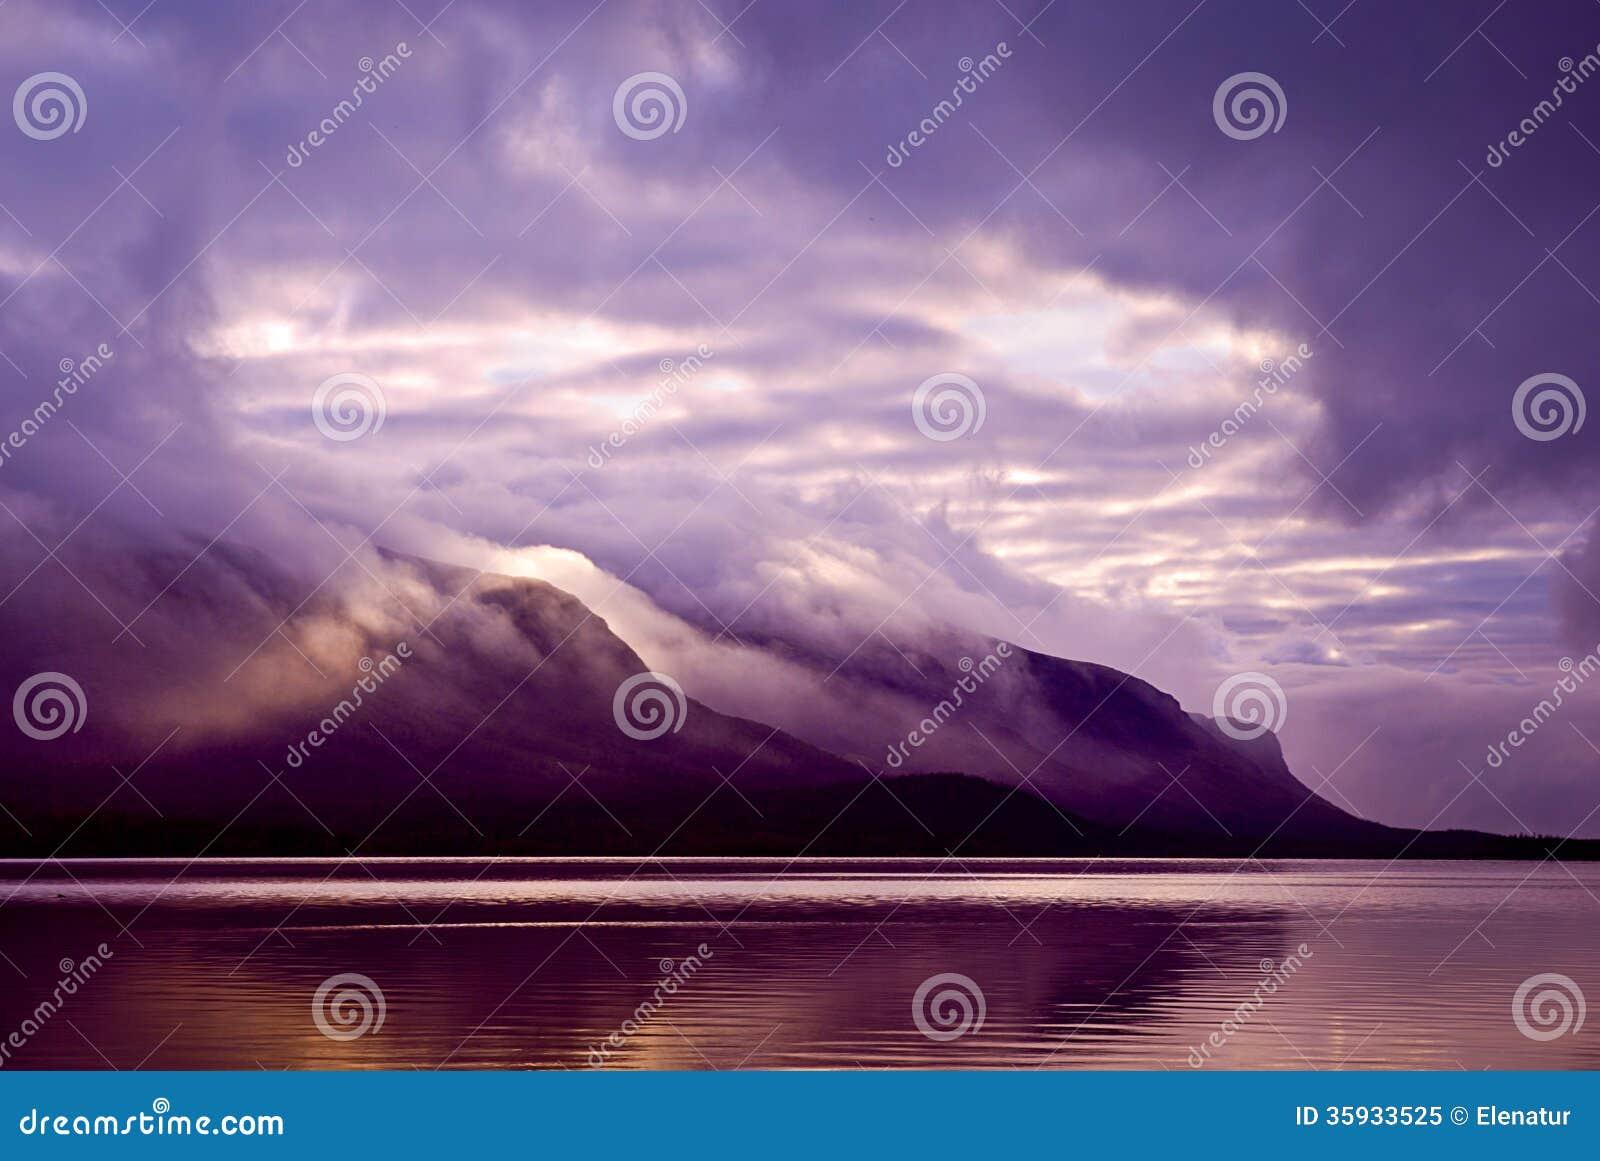 Paisaje. Montañas y lago en niebla por mañana con la cuesta púrpura